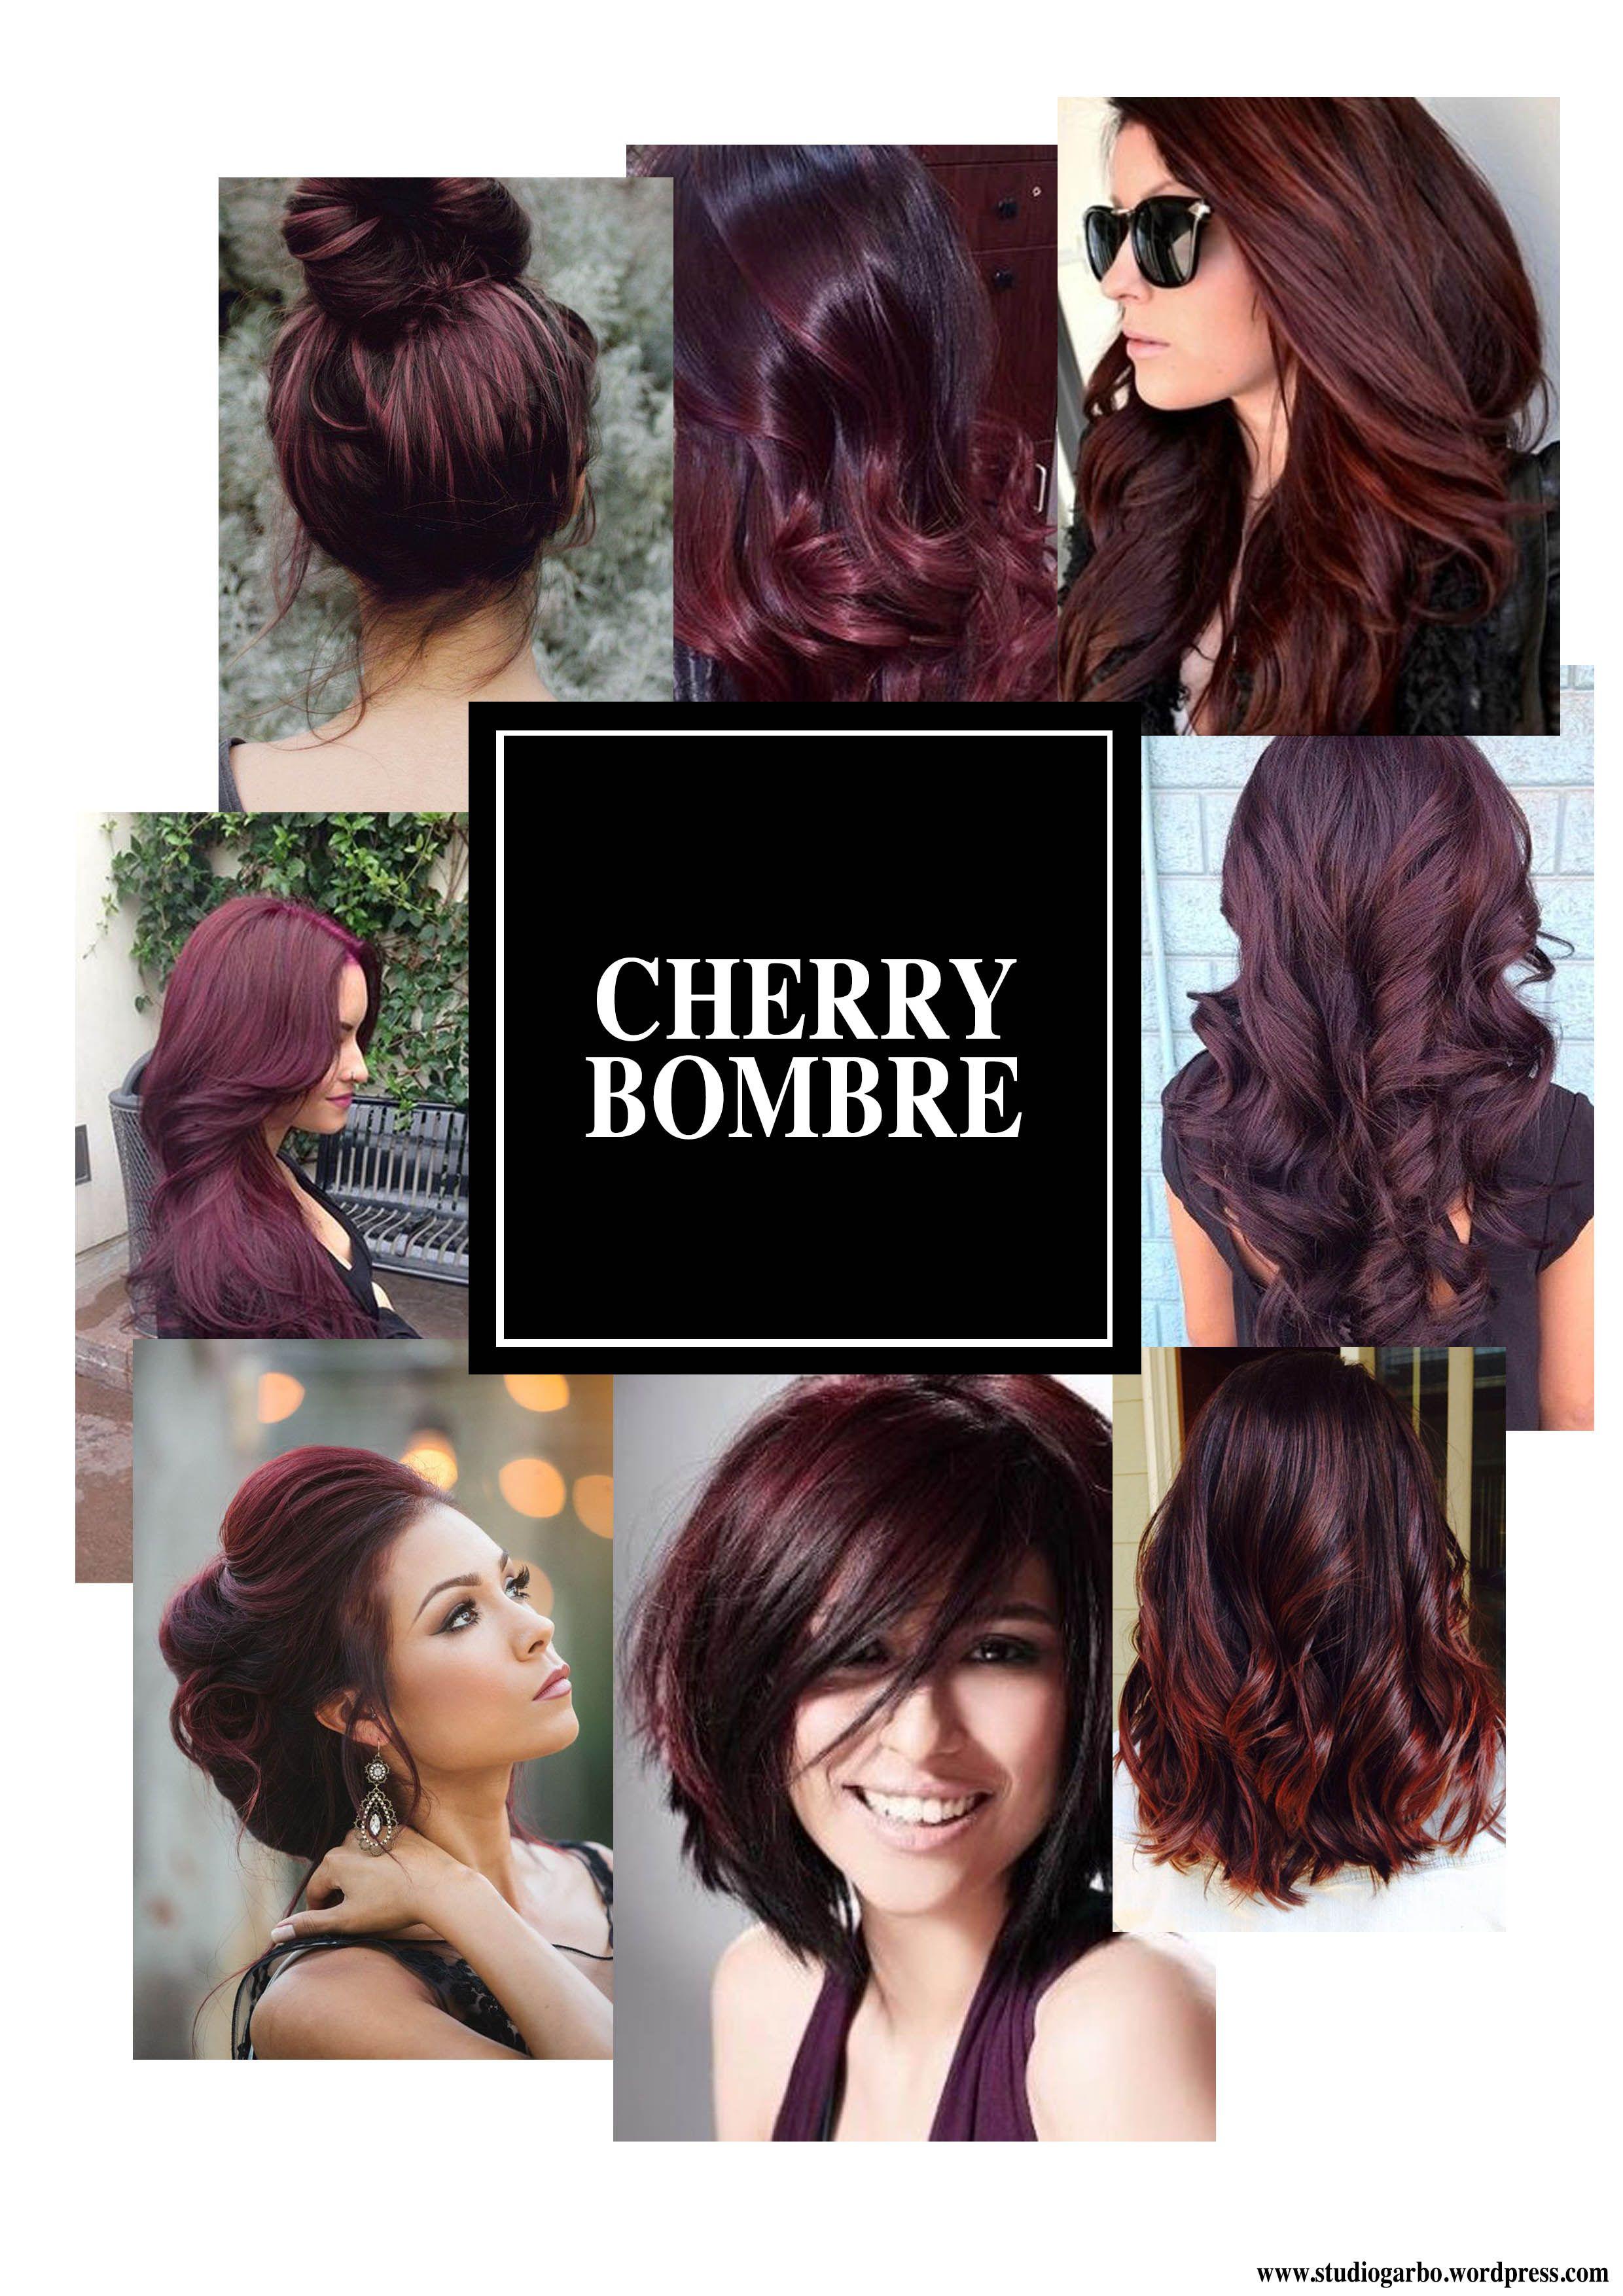 Cherry bombre haarinspiratie love pinterest cherries hair